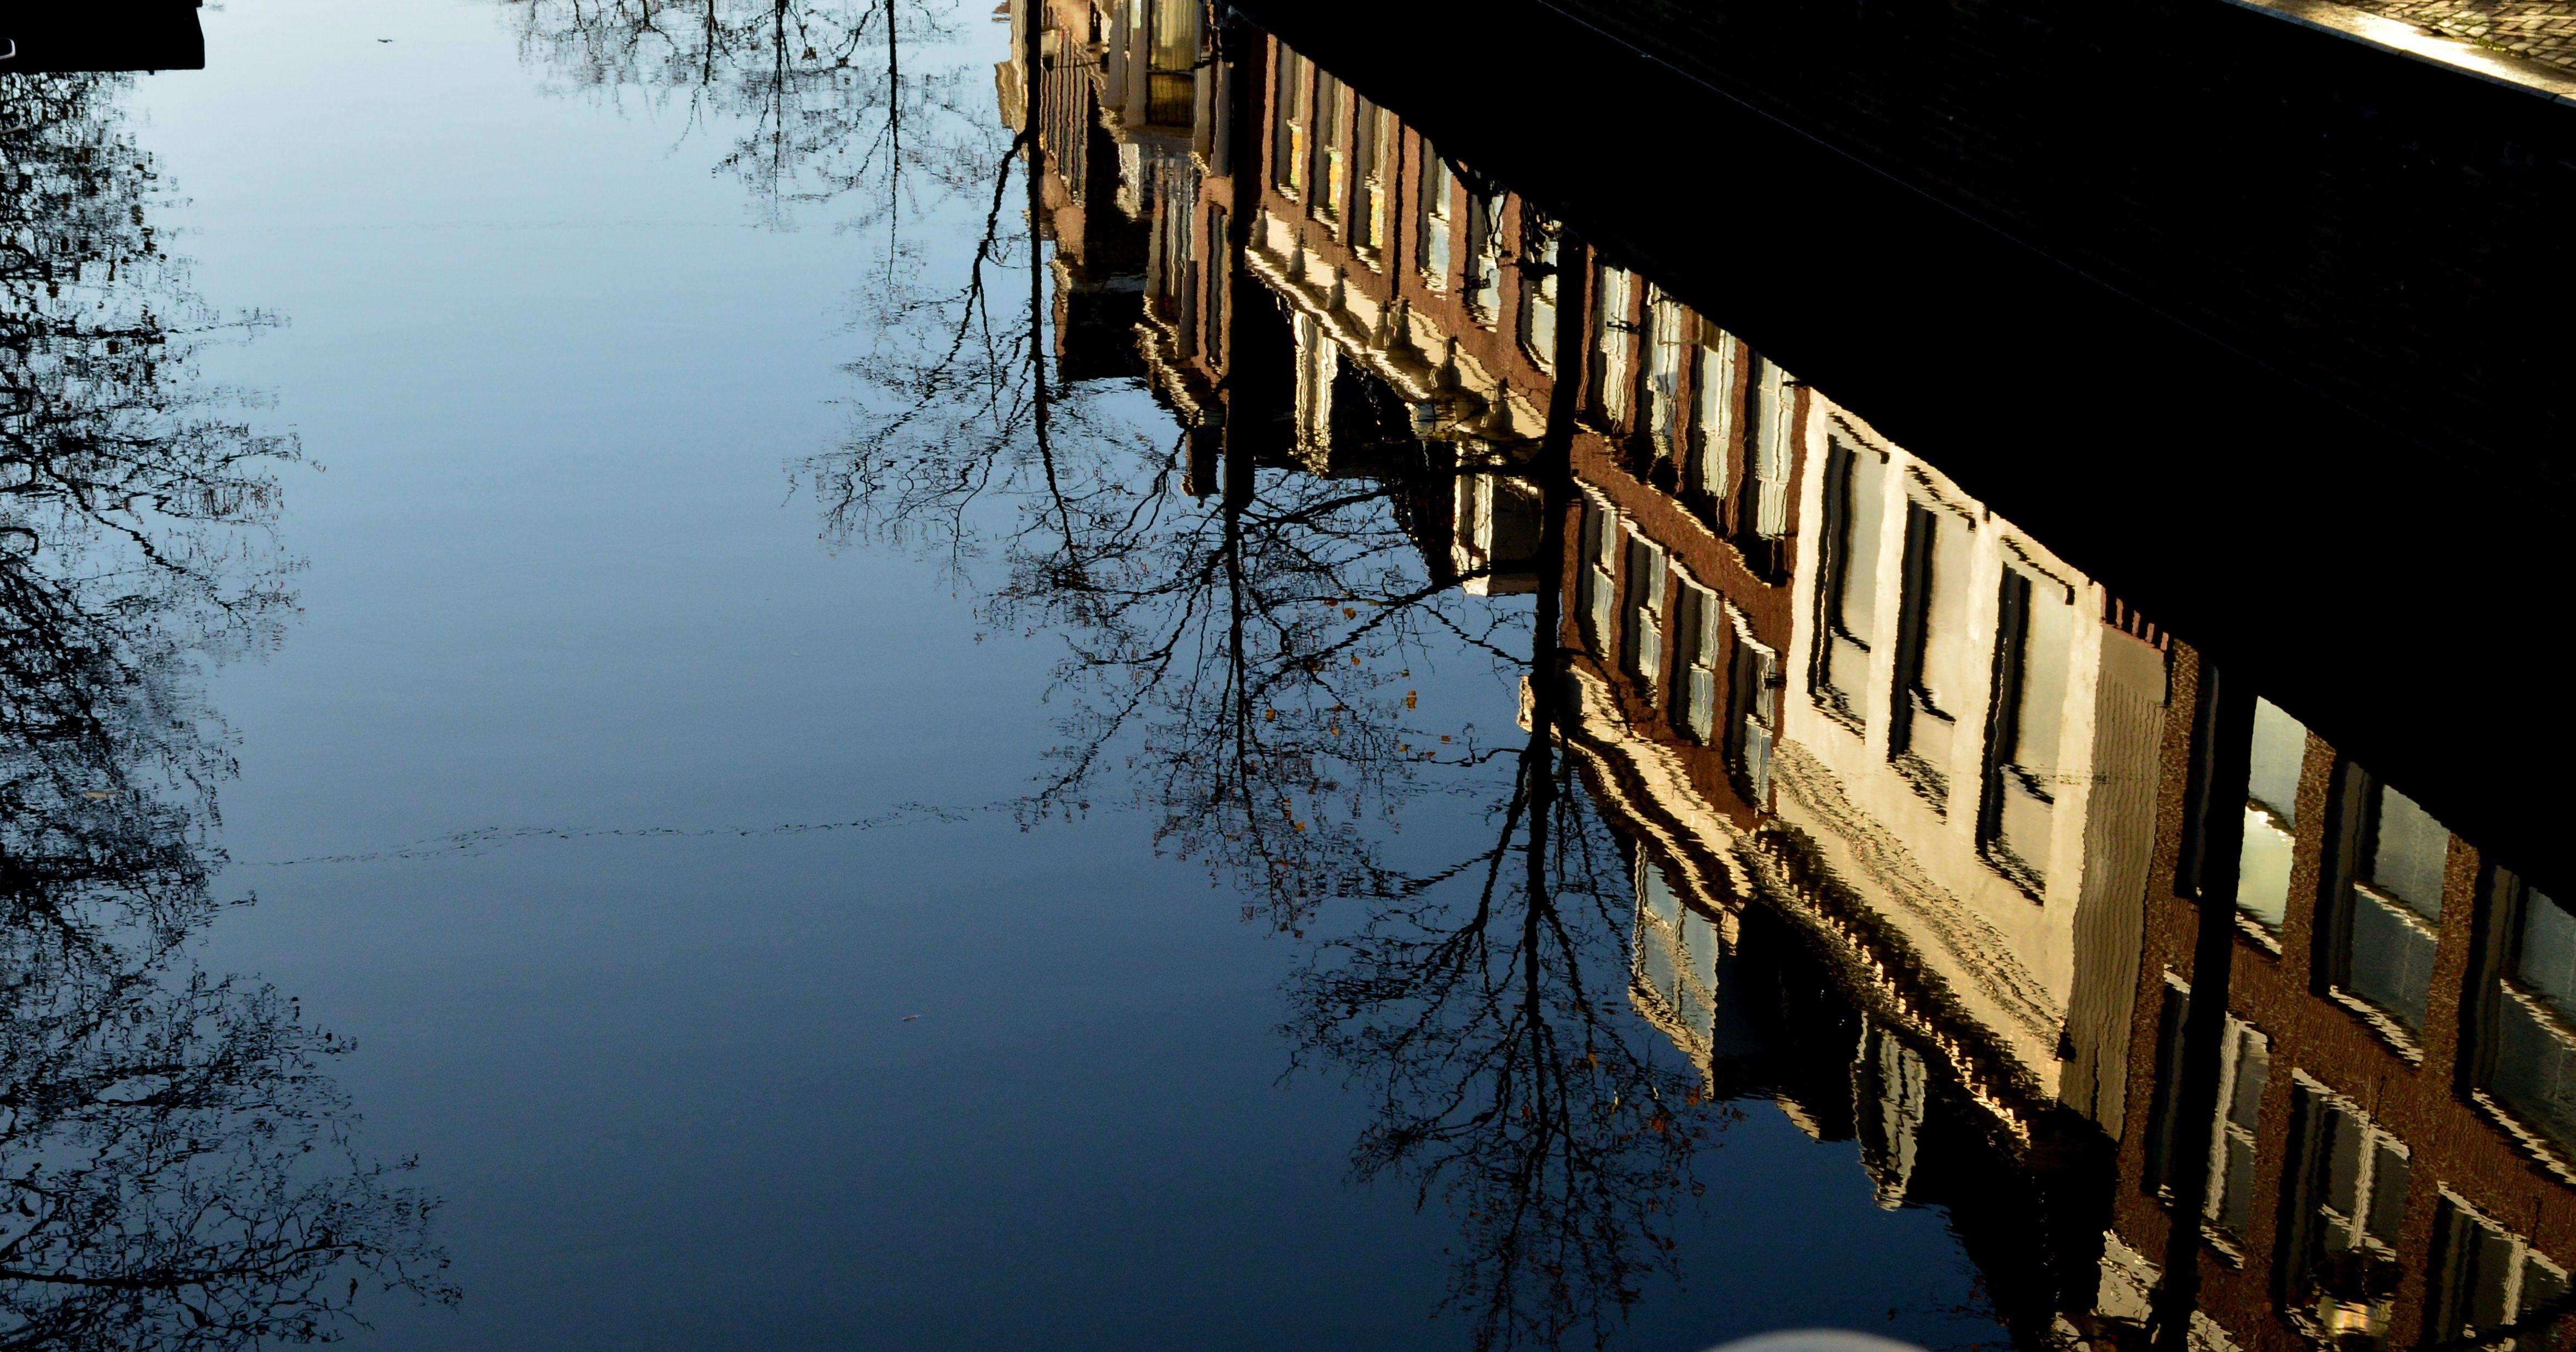 Reflectie van de Voorstreek in de gracht, Leeuwarden - eigen foto, 13-11-'14